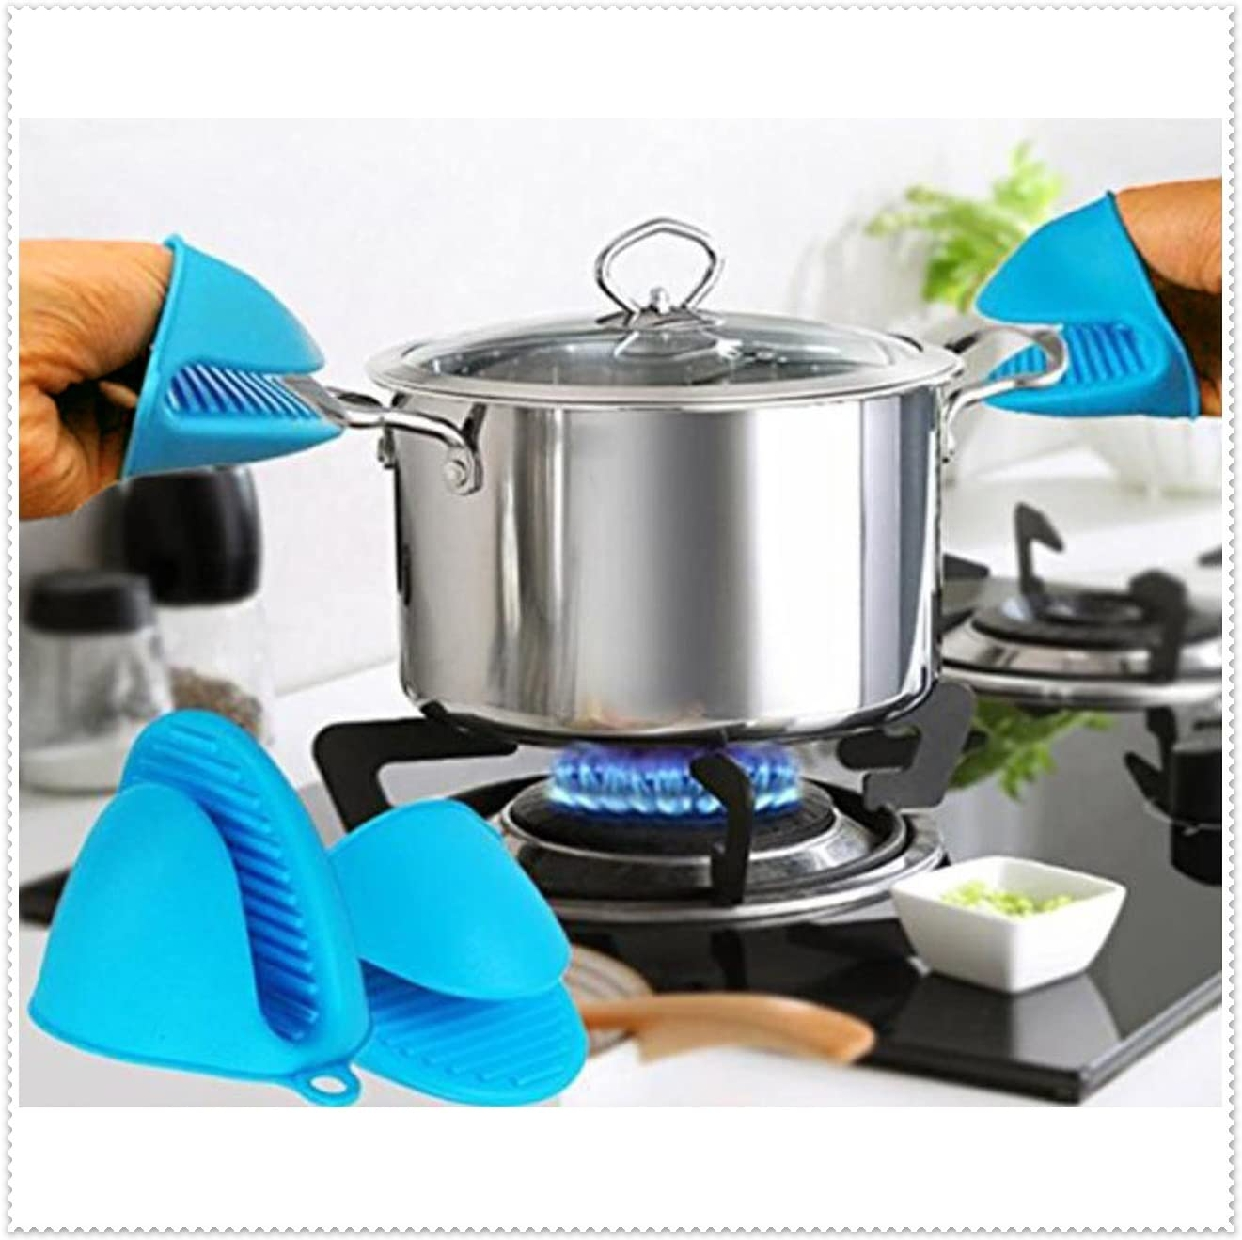 Fumemo(フメモ) 鍋つかみ 水色 2個セットの商品画像2